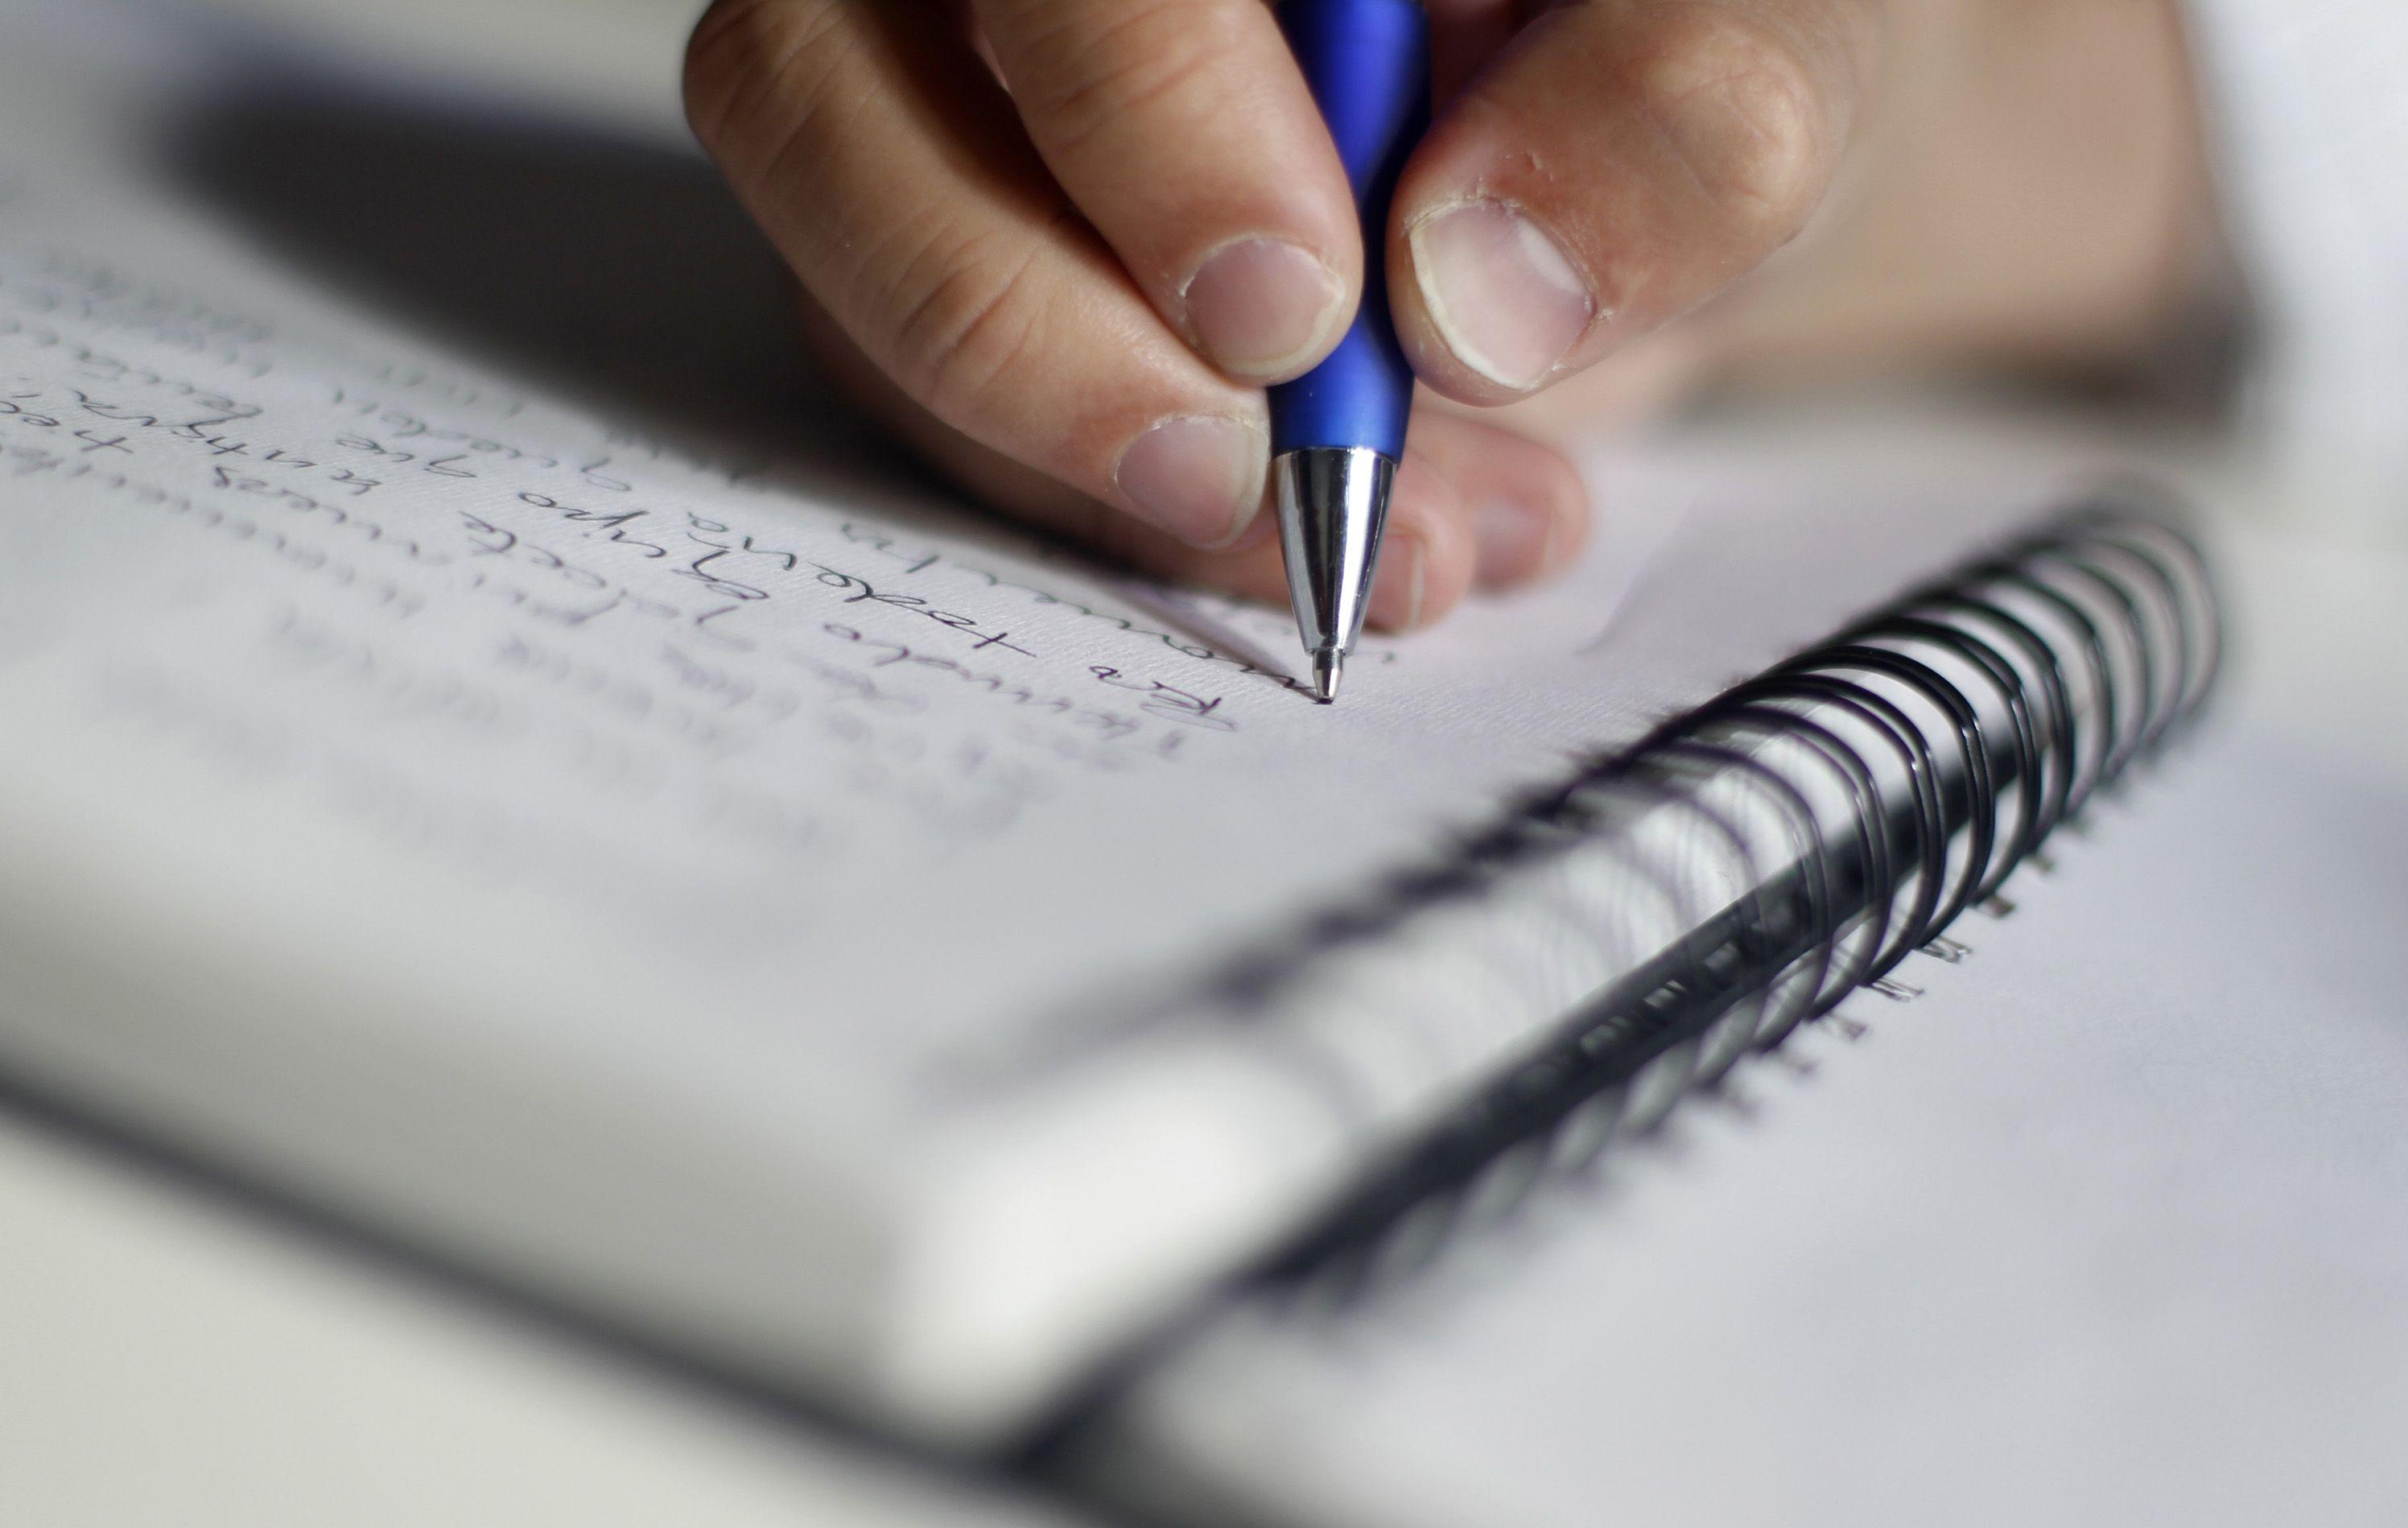 ¿Qué dice el tamaño de tu letra sobre tu personalidad?